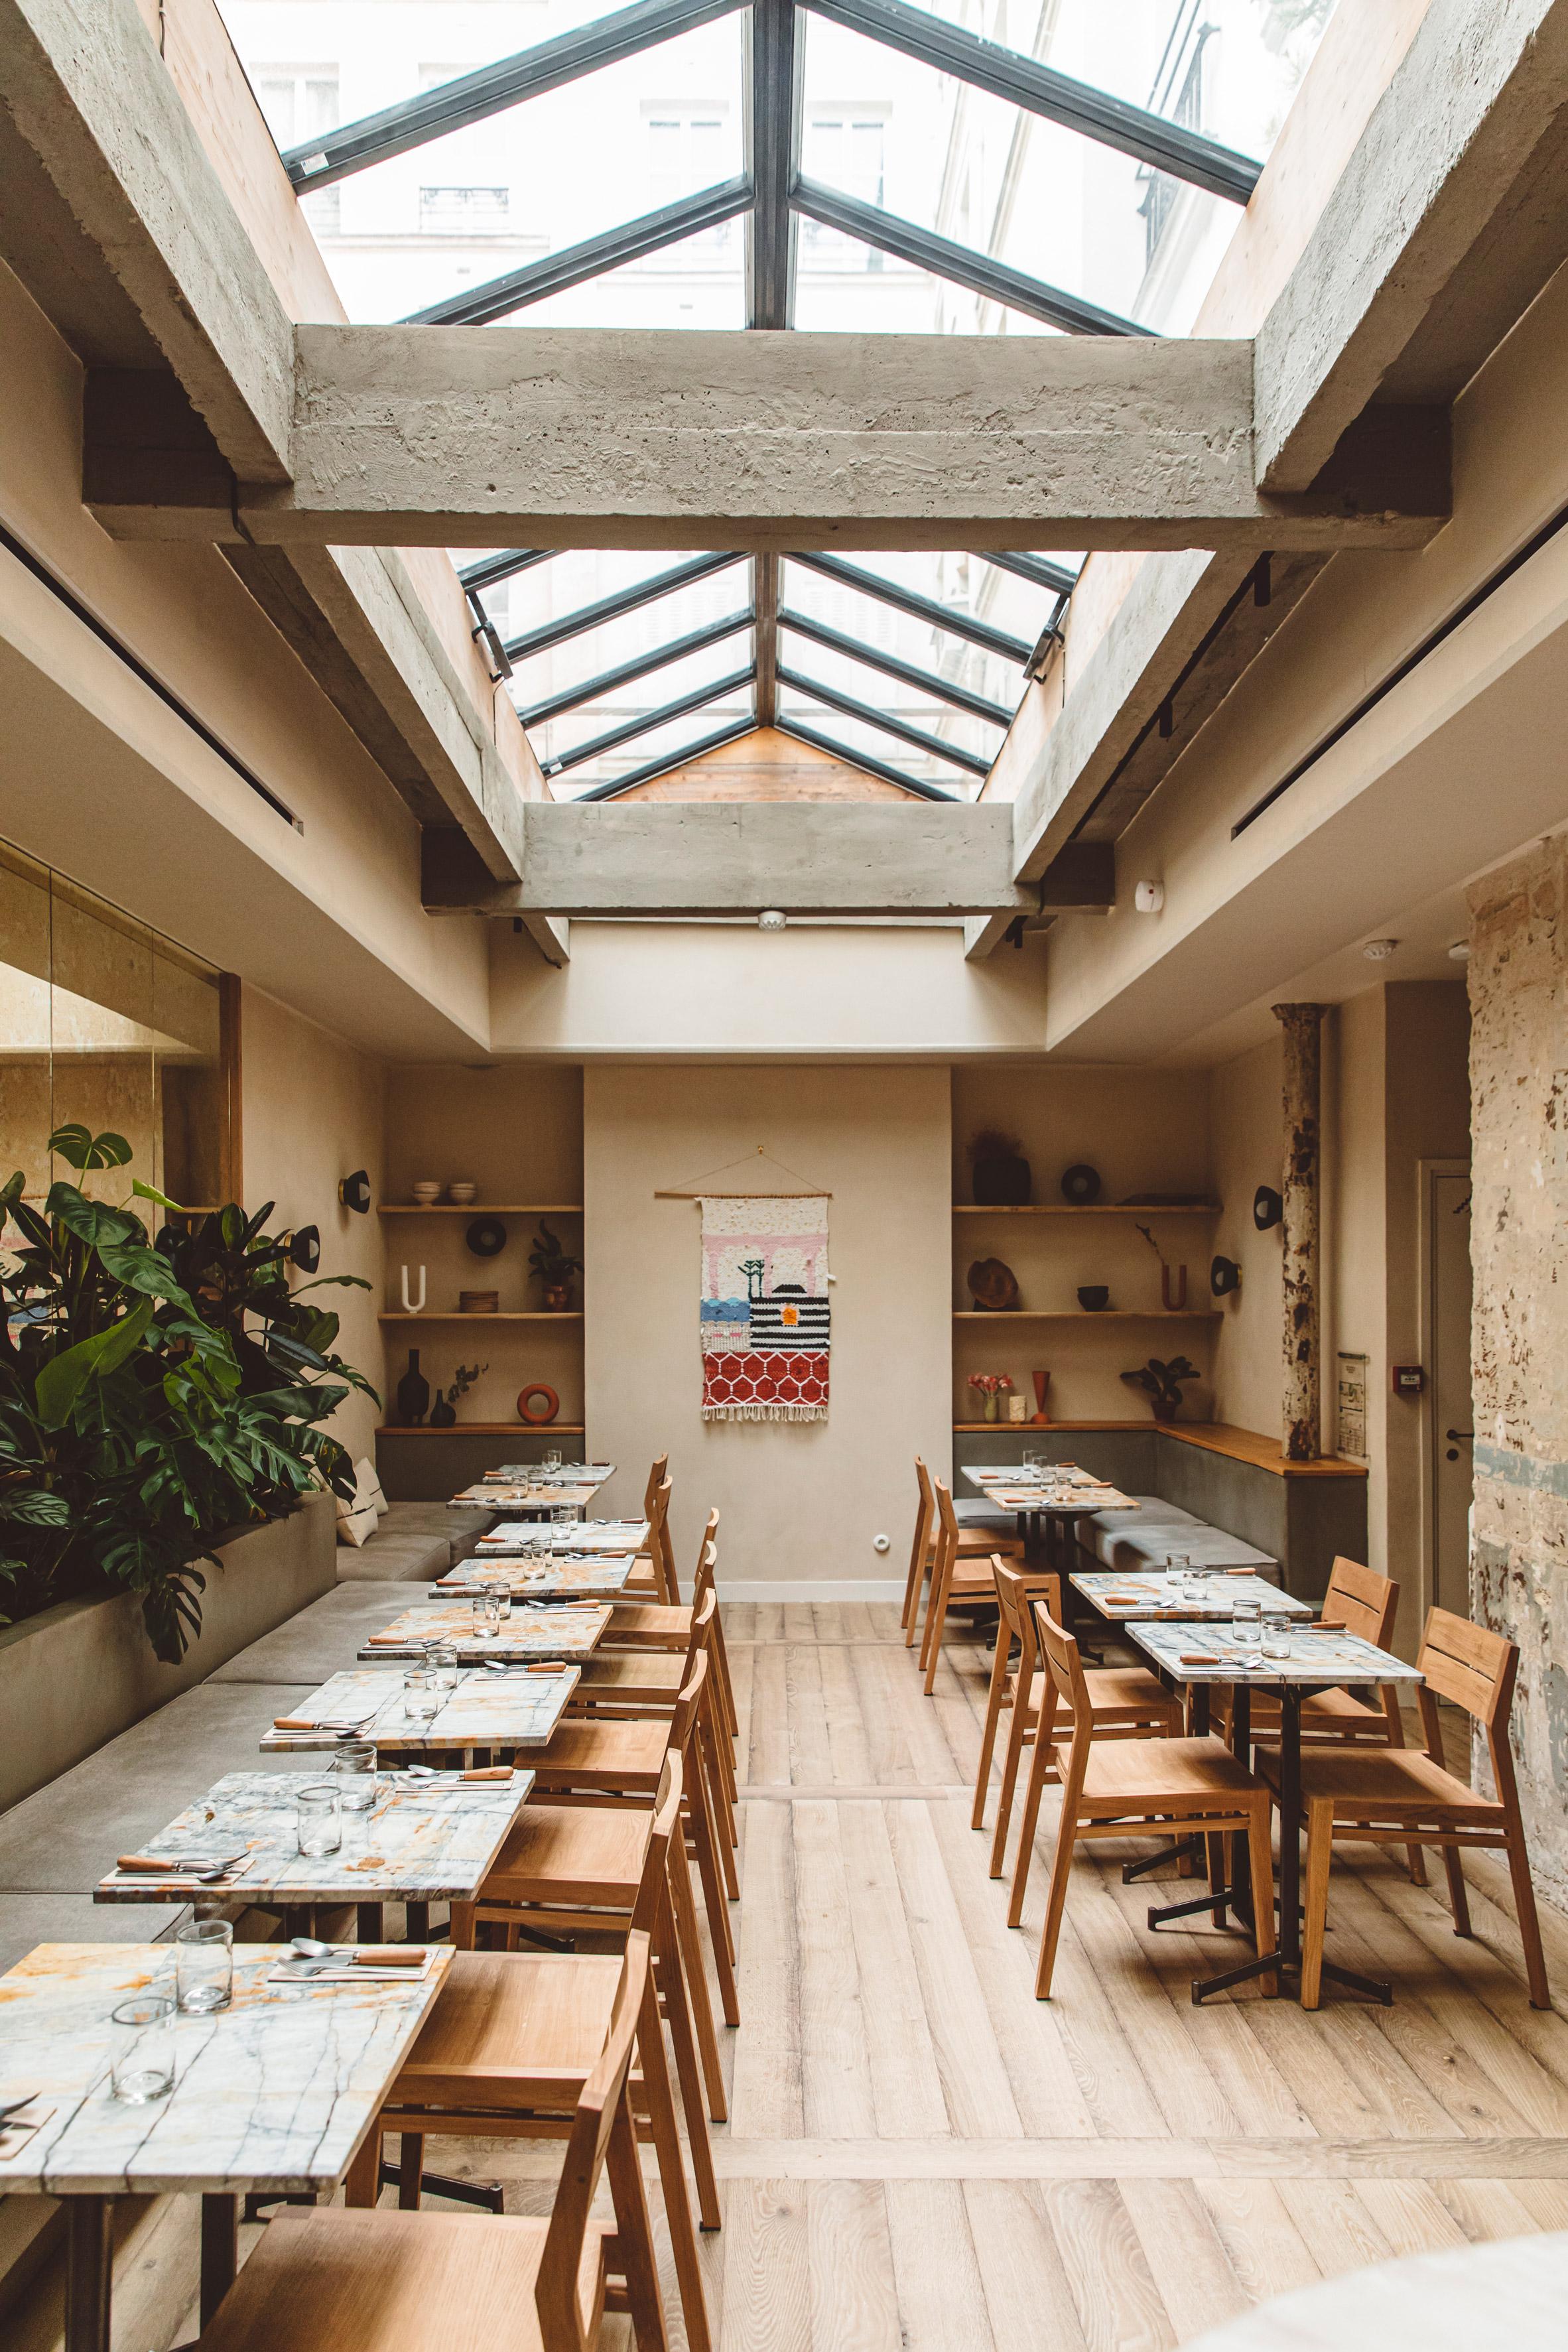 Hoy hotel in Paris